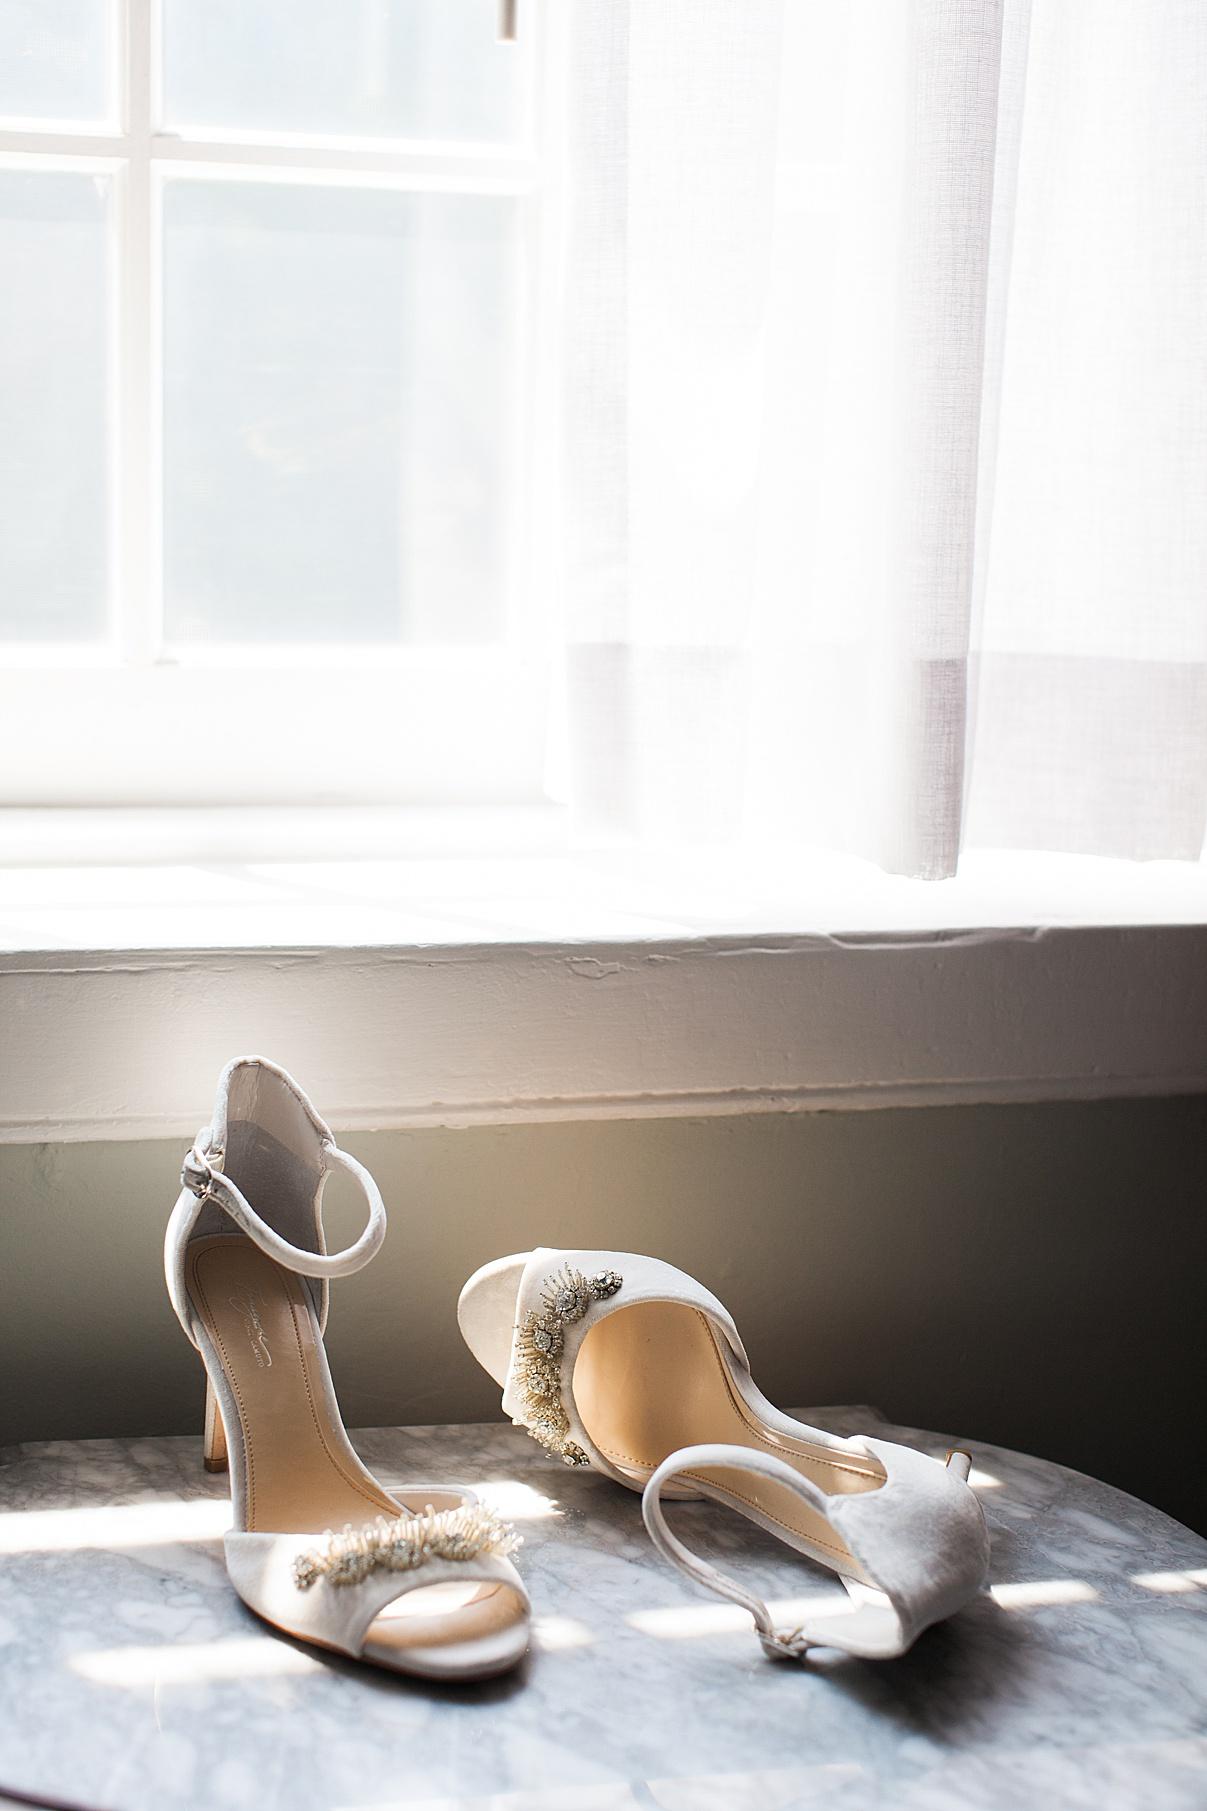 Wedding heels in gorgeous window lighting | Balls Falls, Ontario Wedding| Ontario Wedding Photographer| Toronto Wedding Photographer| 3Photography|3photography.ca